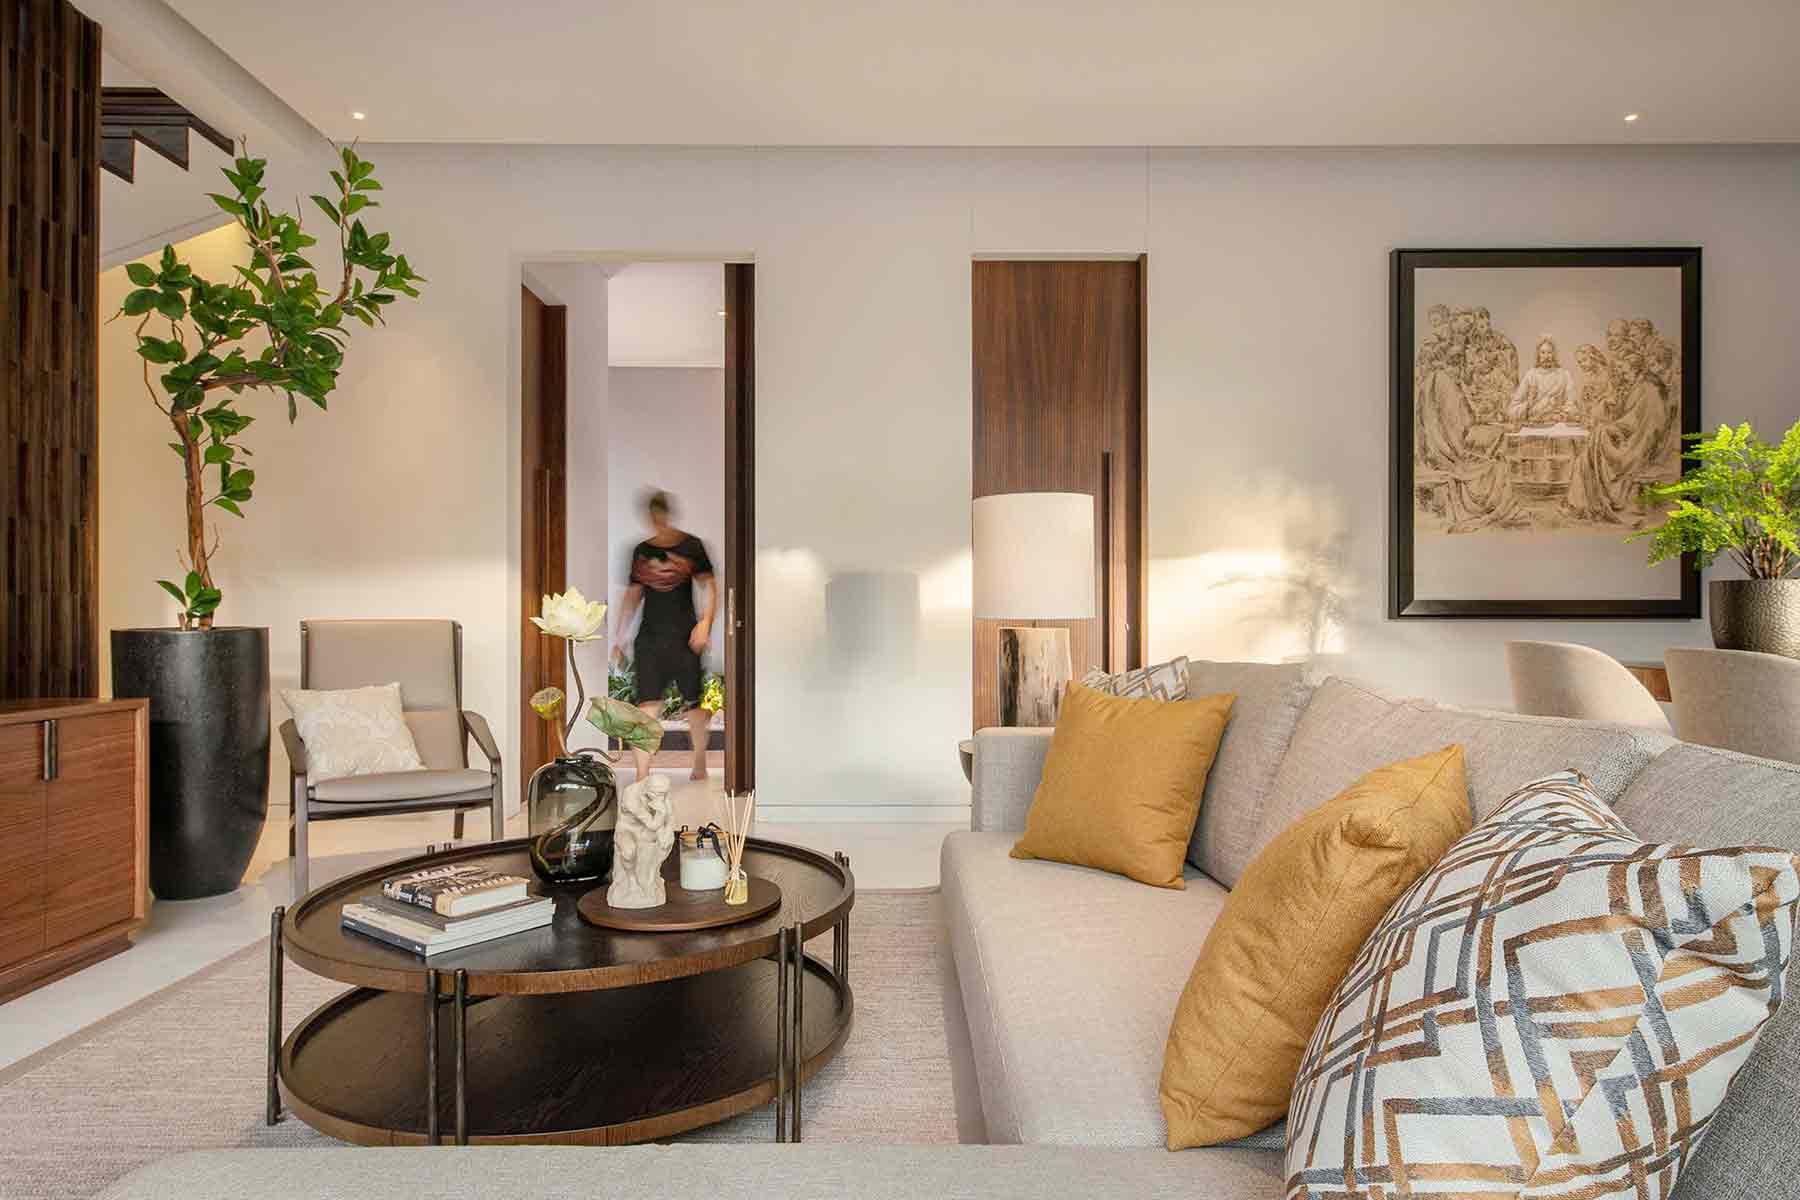 Interior yang mengandalkan warna-warna minimalis, karya YO Design Architect, via arsitag.com